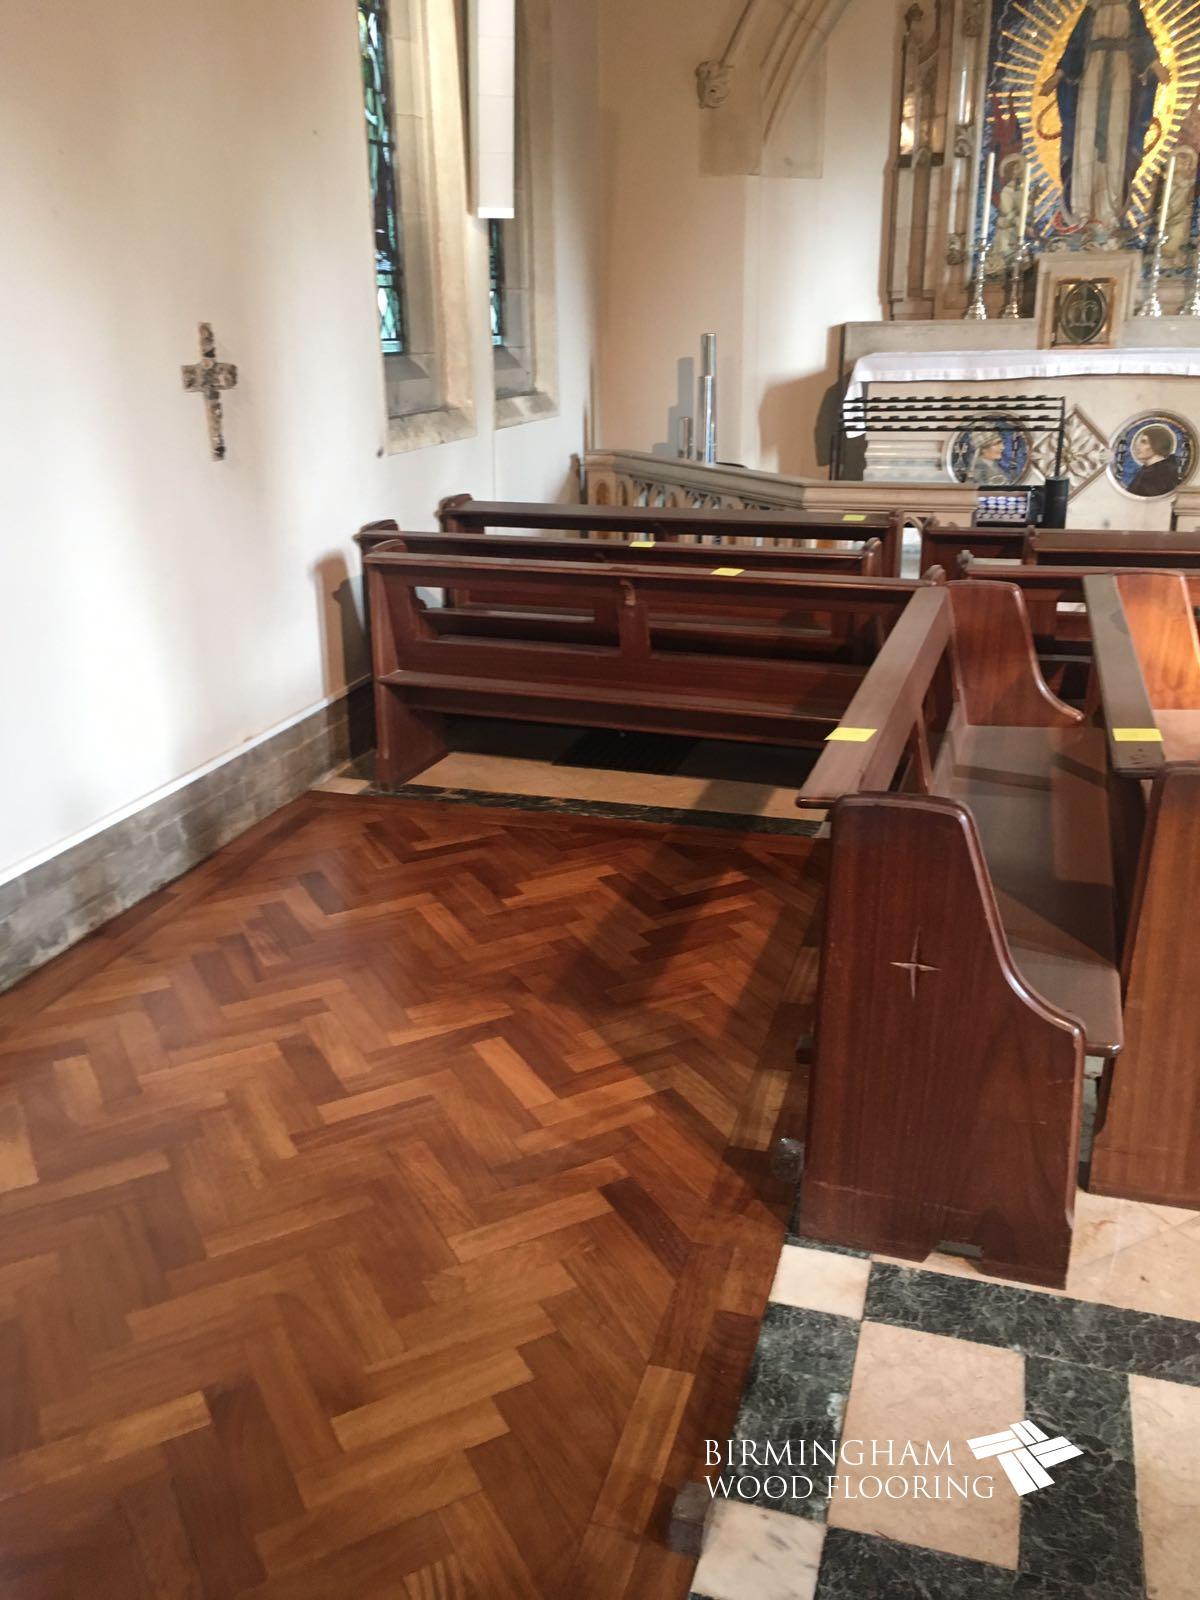 Parquet Block Flooring, Sanded & Resealed